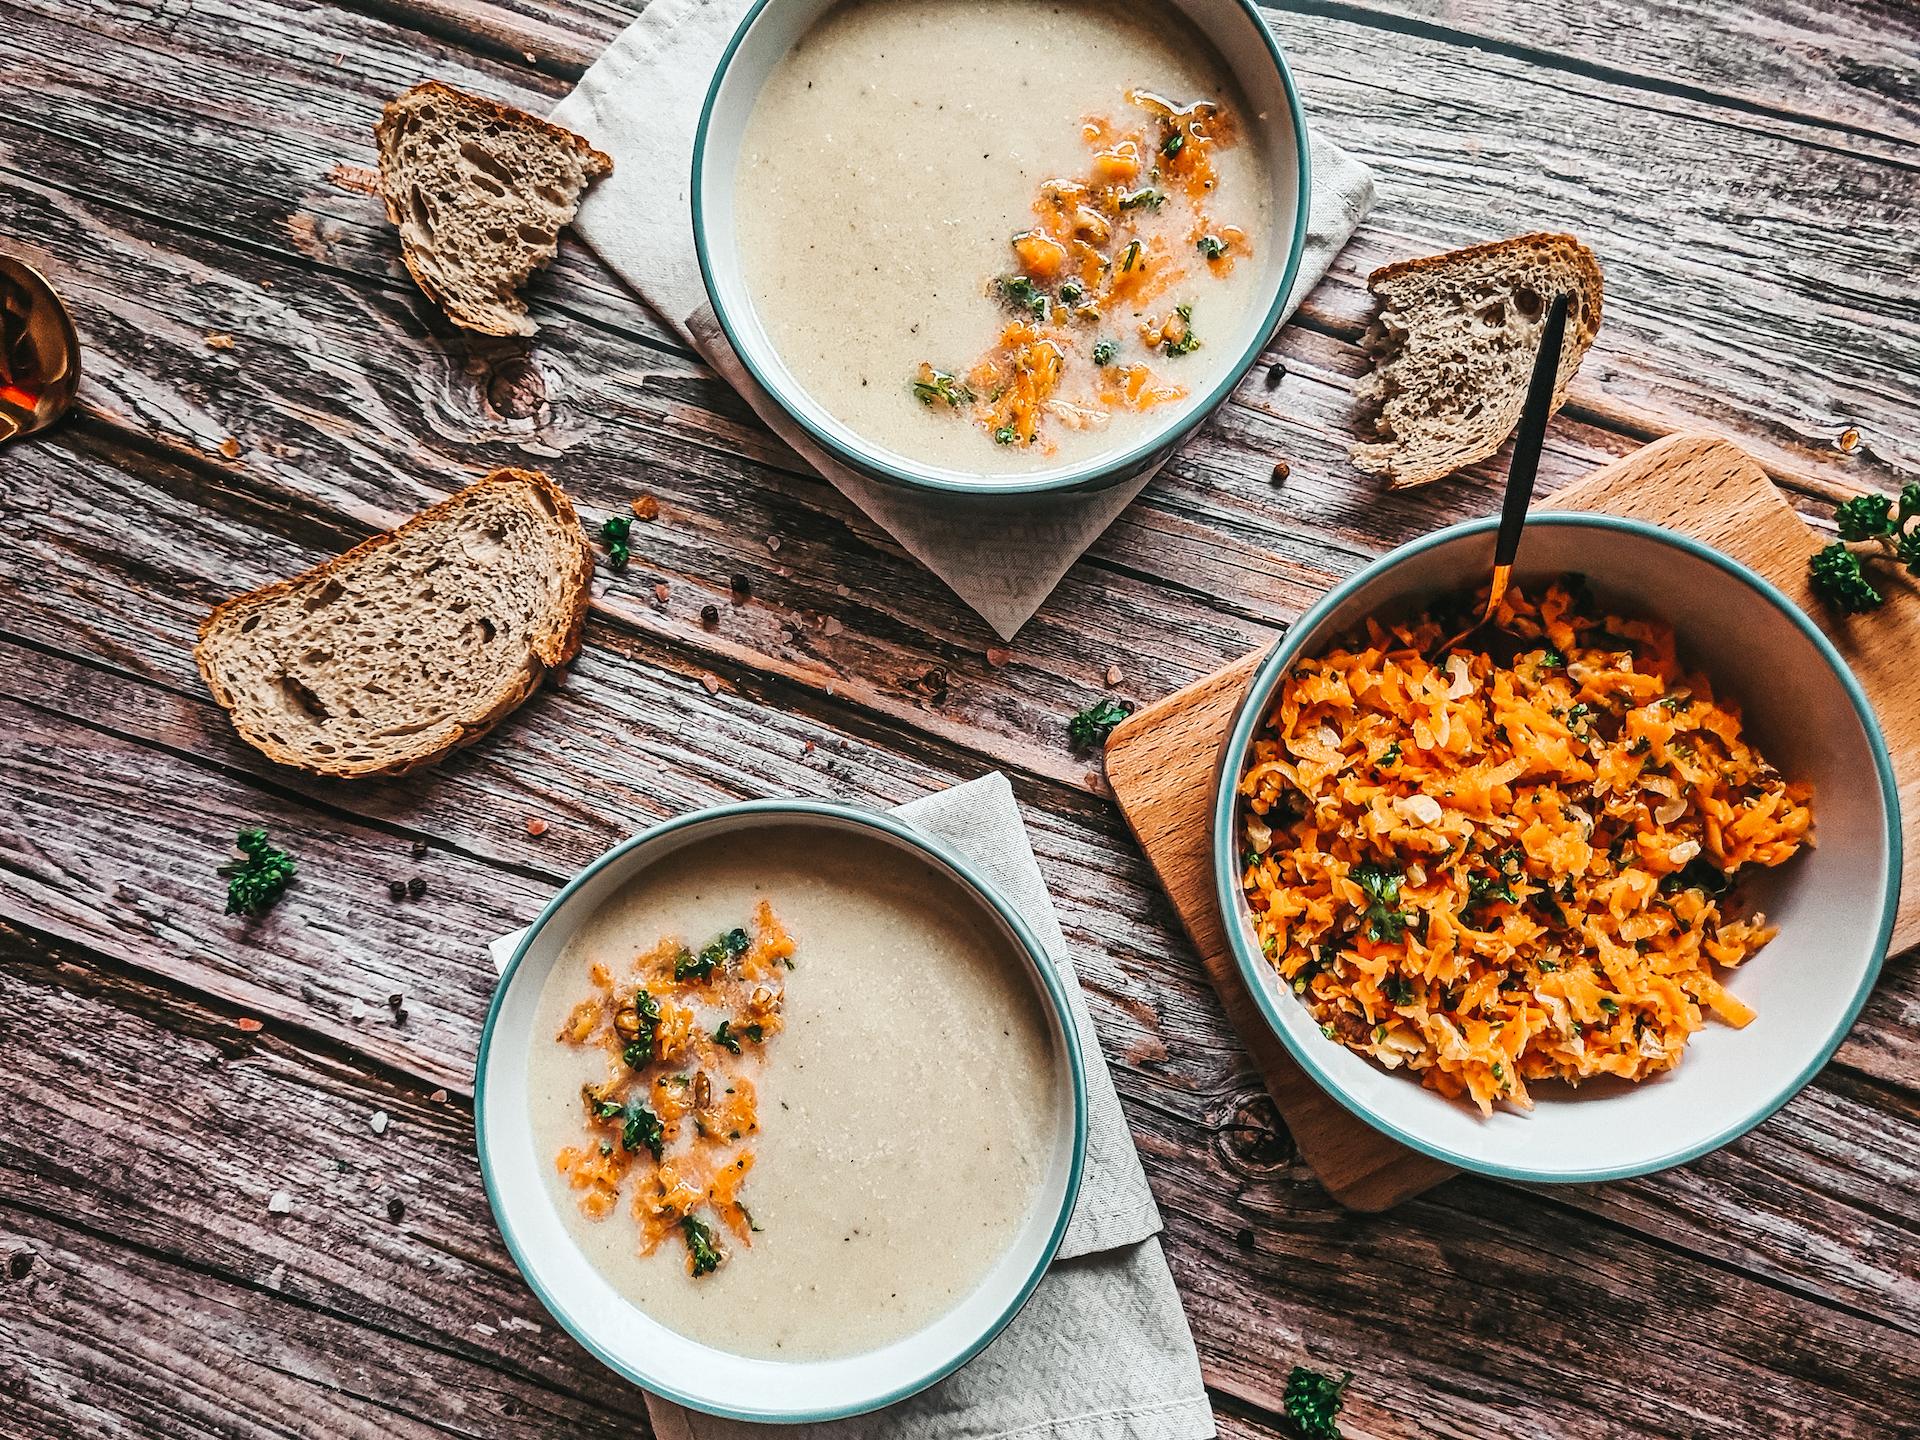 Zelerová polievka, Krémová zelerová polievka smrkvovo – orechovou salsou